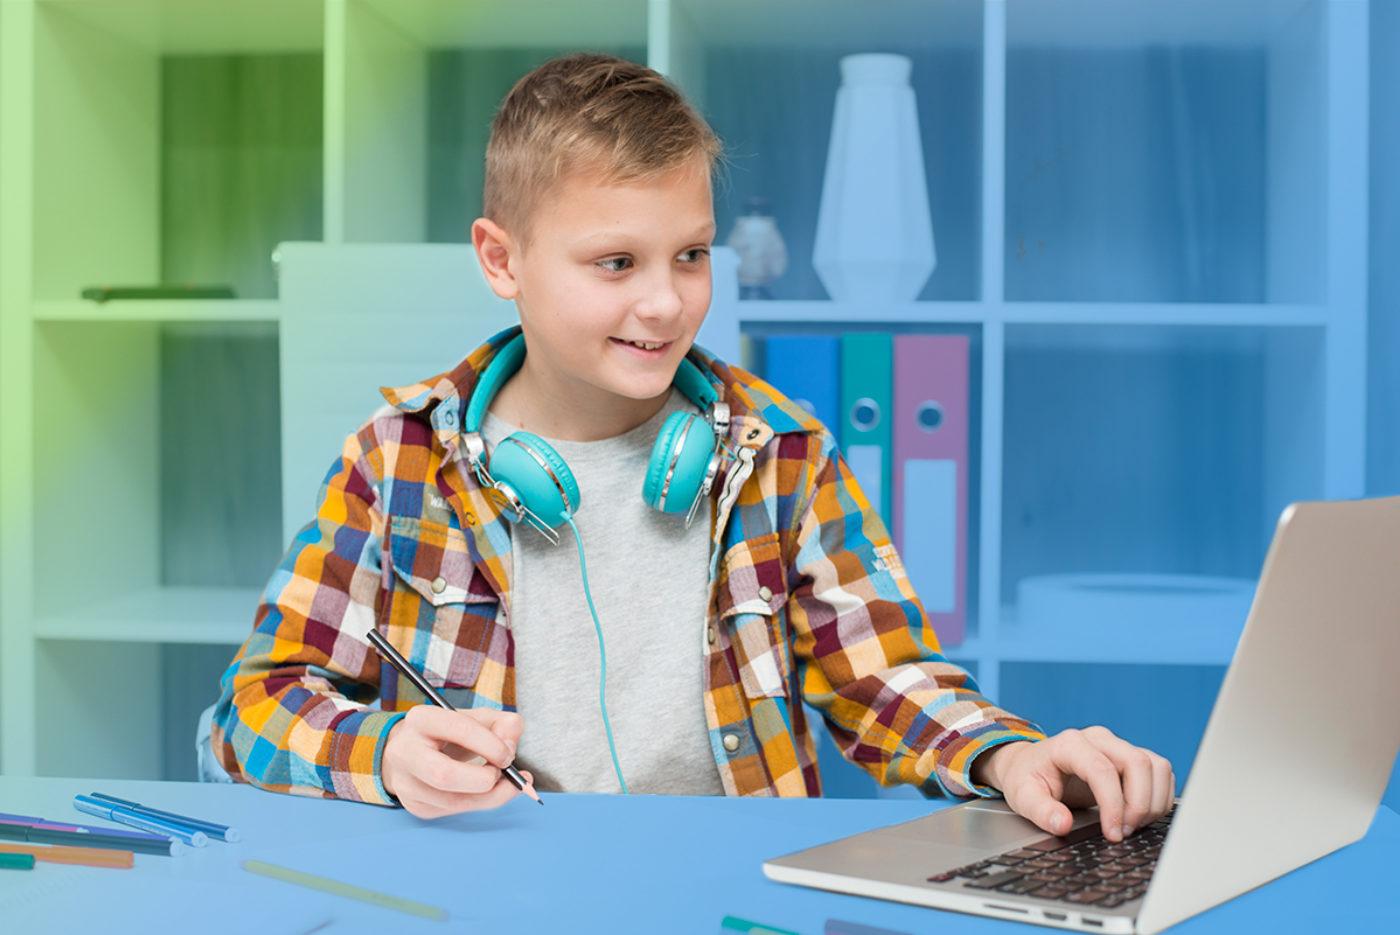 Мероприятия: Відкритий урок для дітей «Створи інтернет-сторінку про своє захоплення» у Дніпрі 14 березня